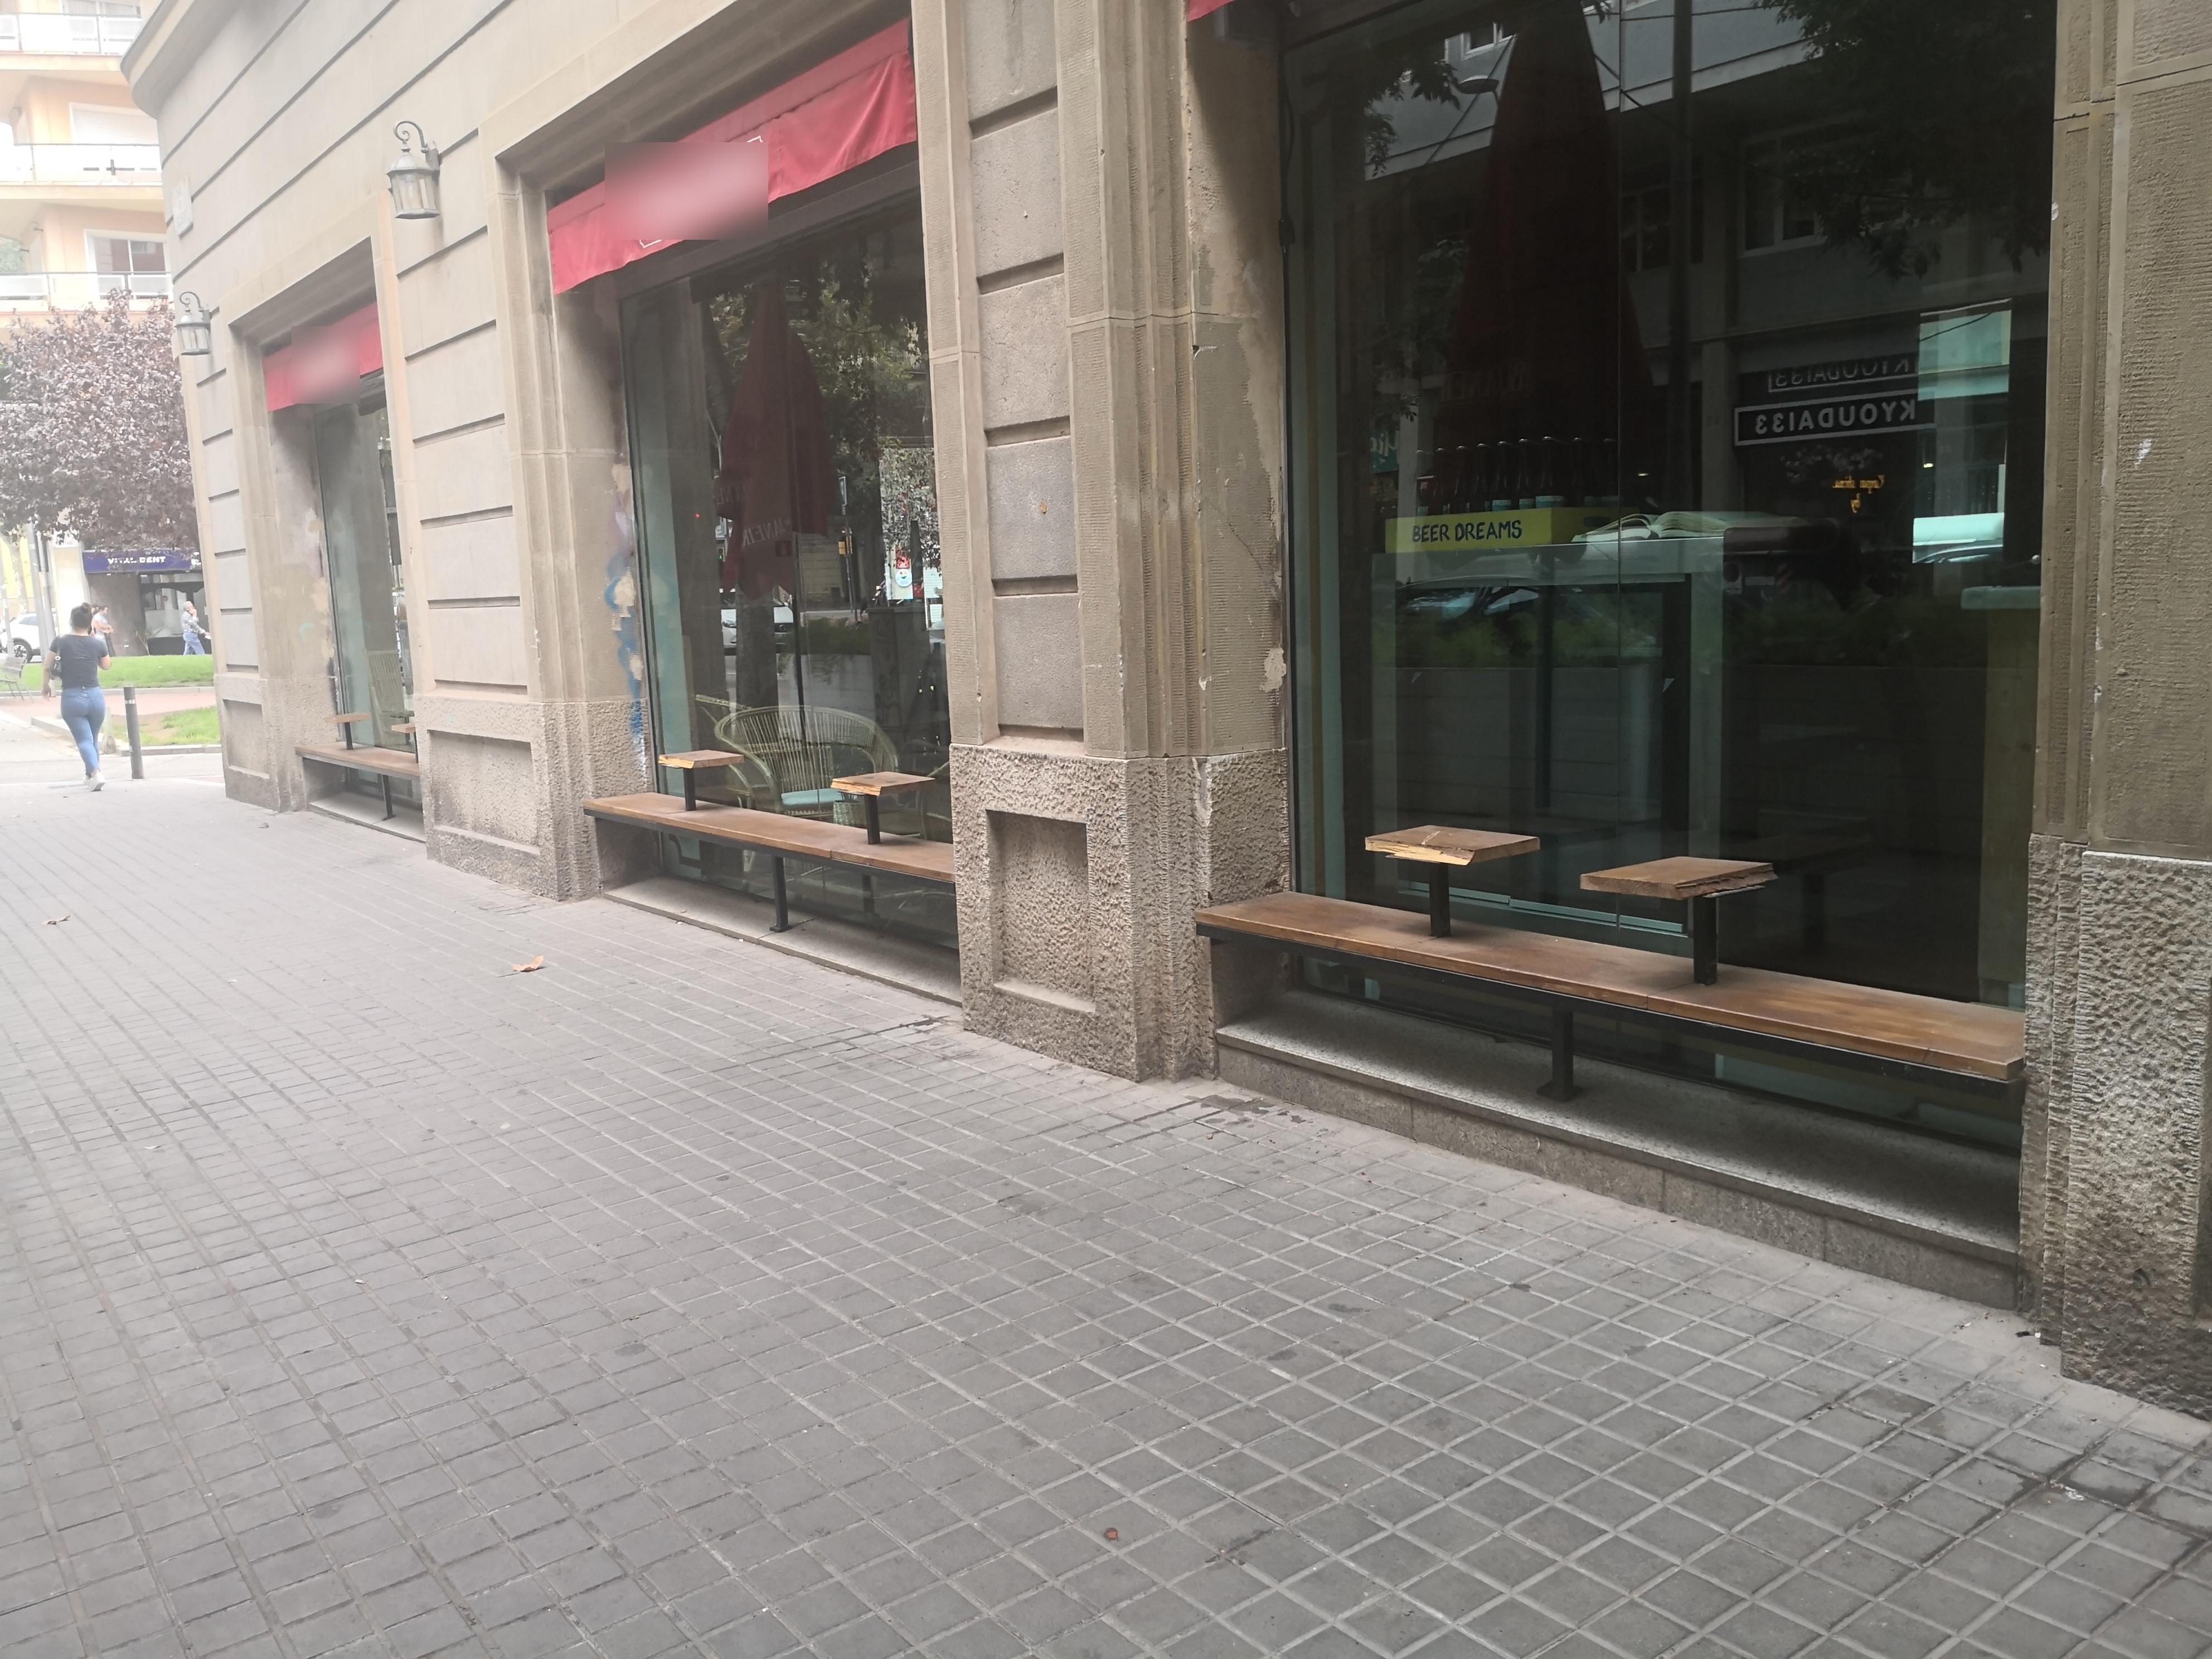 Avda. Mistral, 33 - I més bancs i muntatges il·legals en façana!!